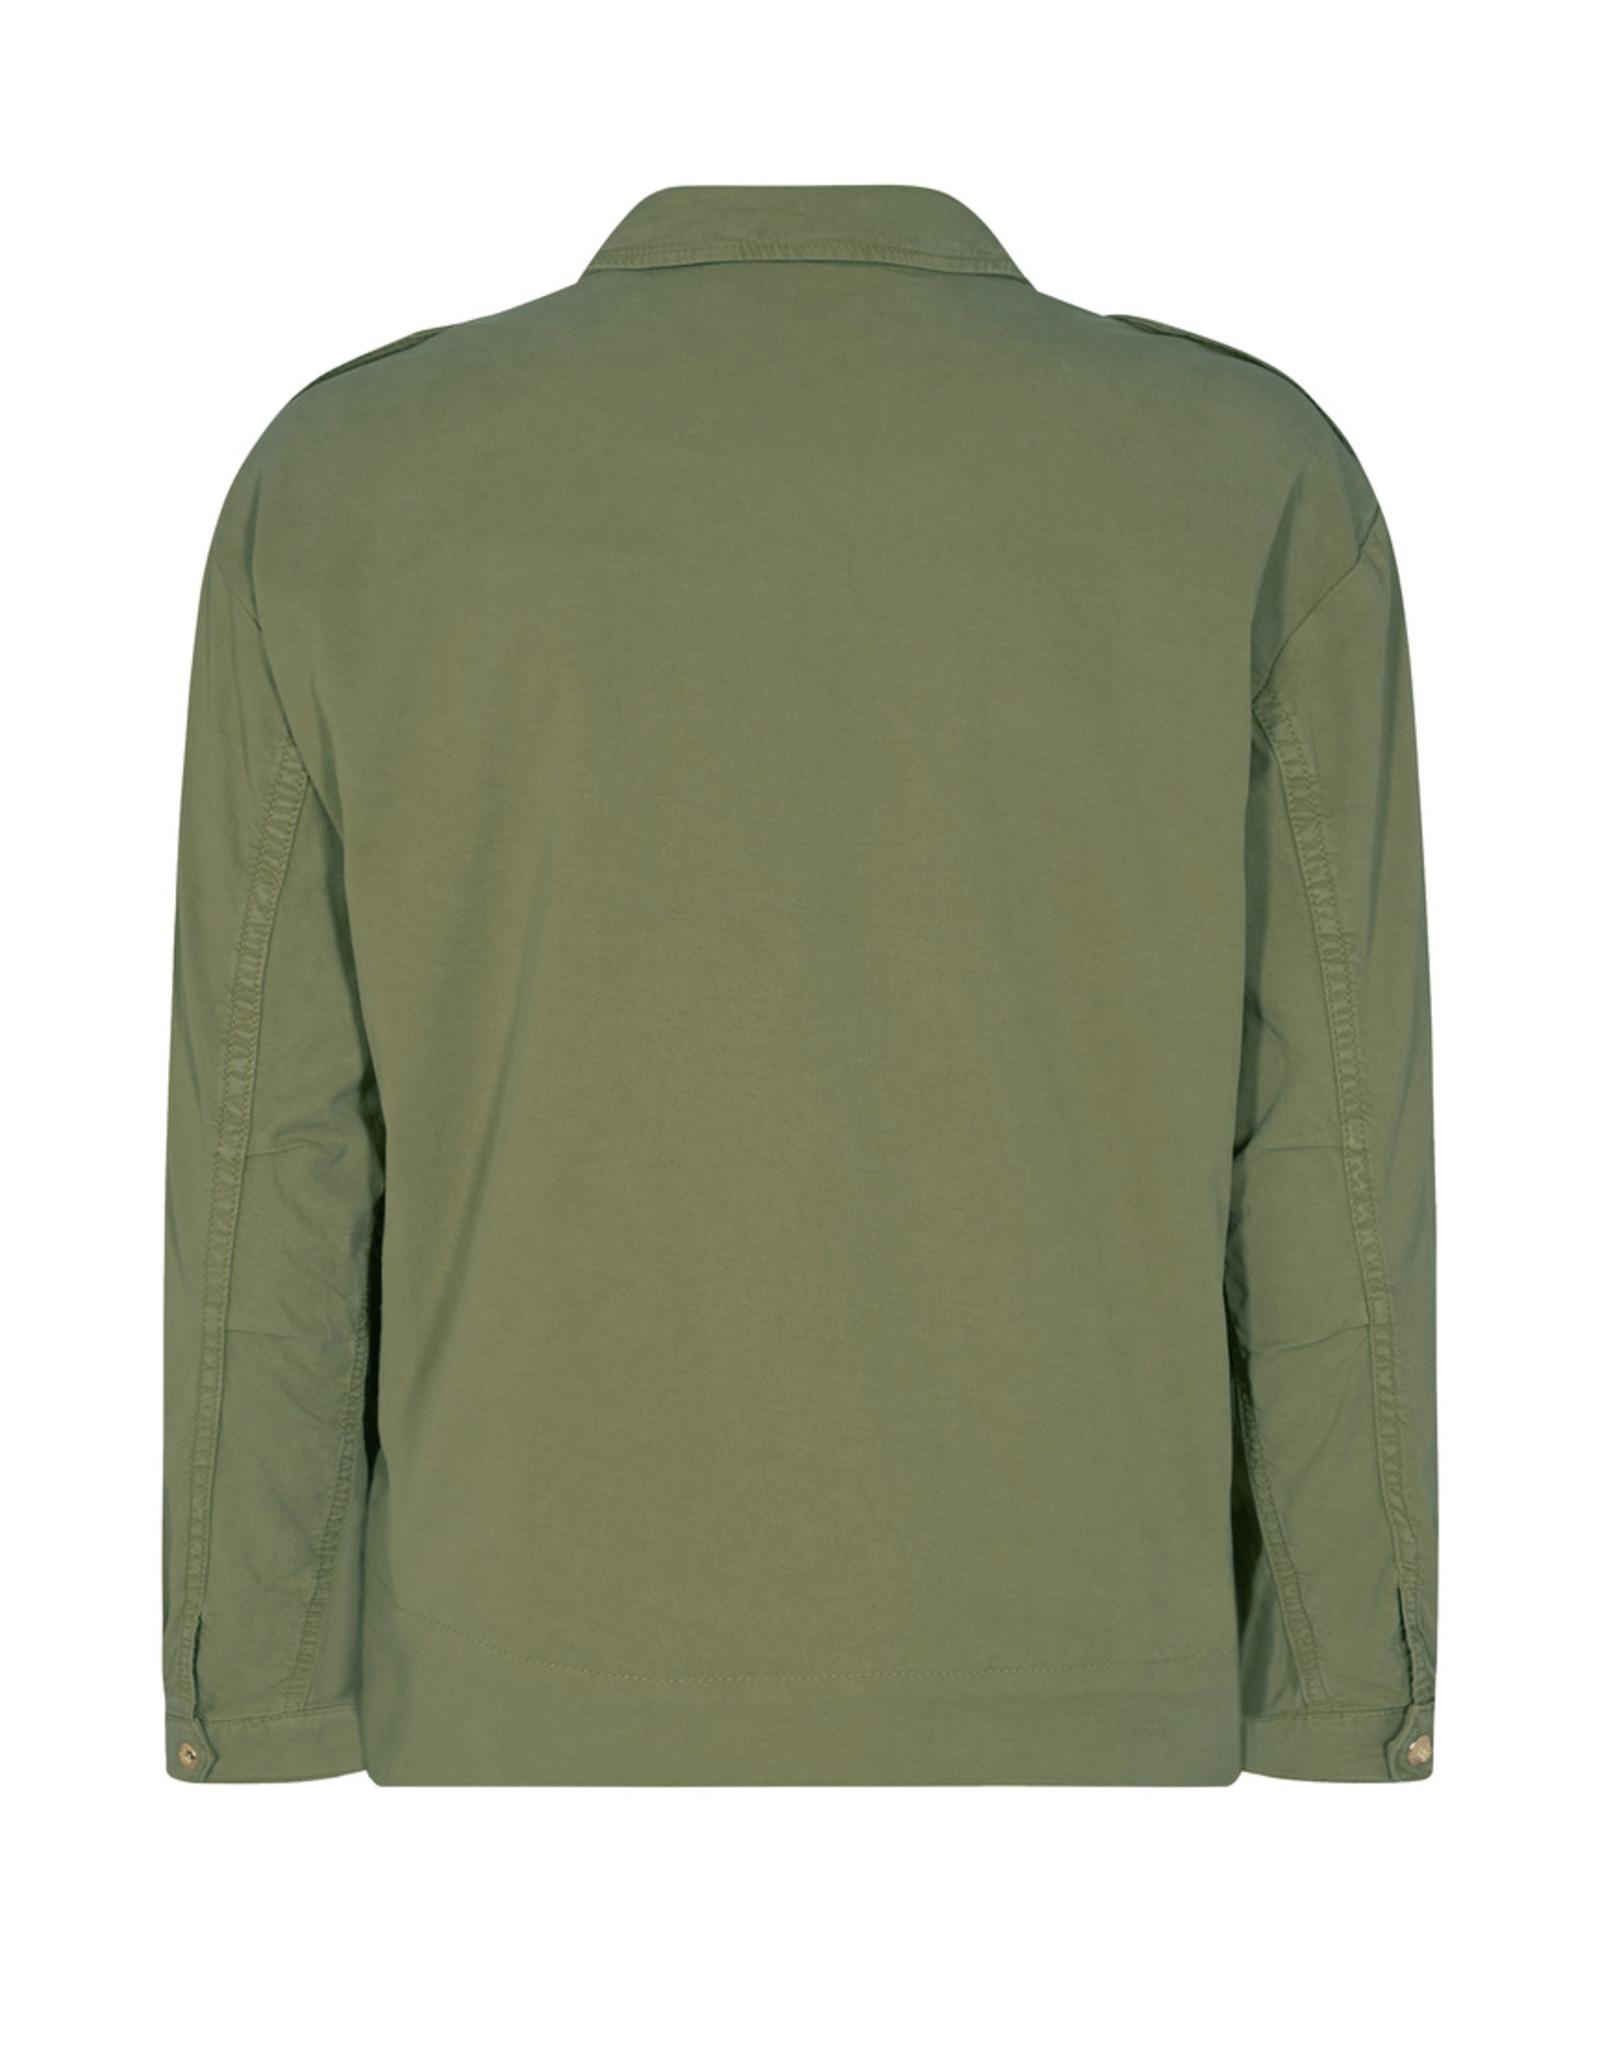 Mos Mosh Kiara Trail Jacket